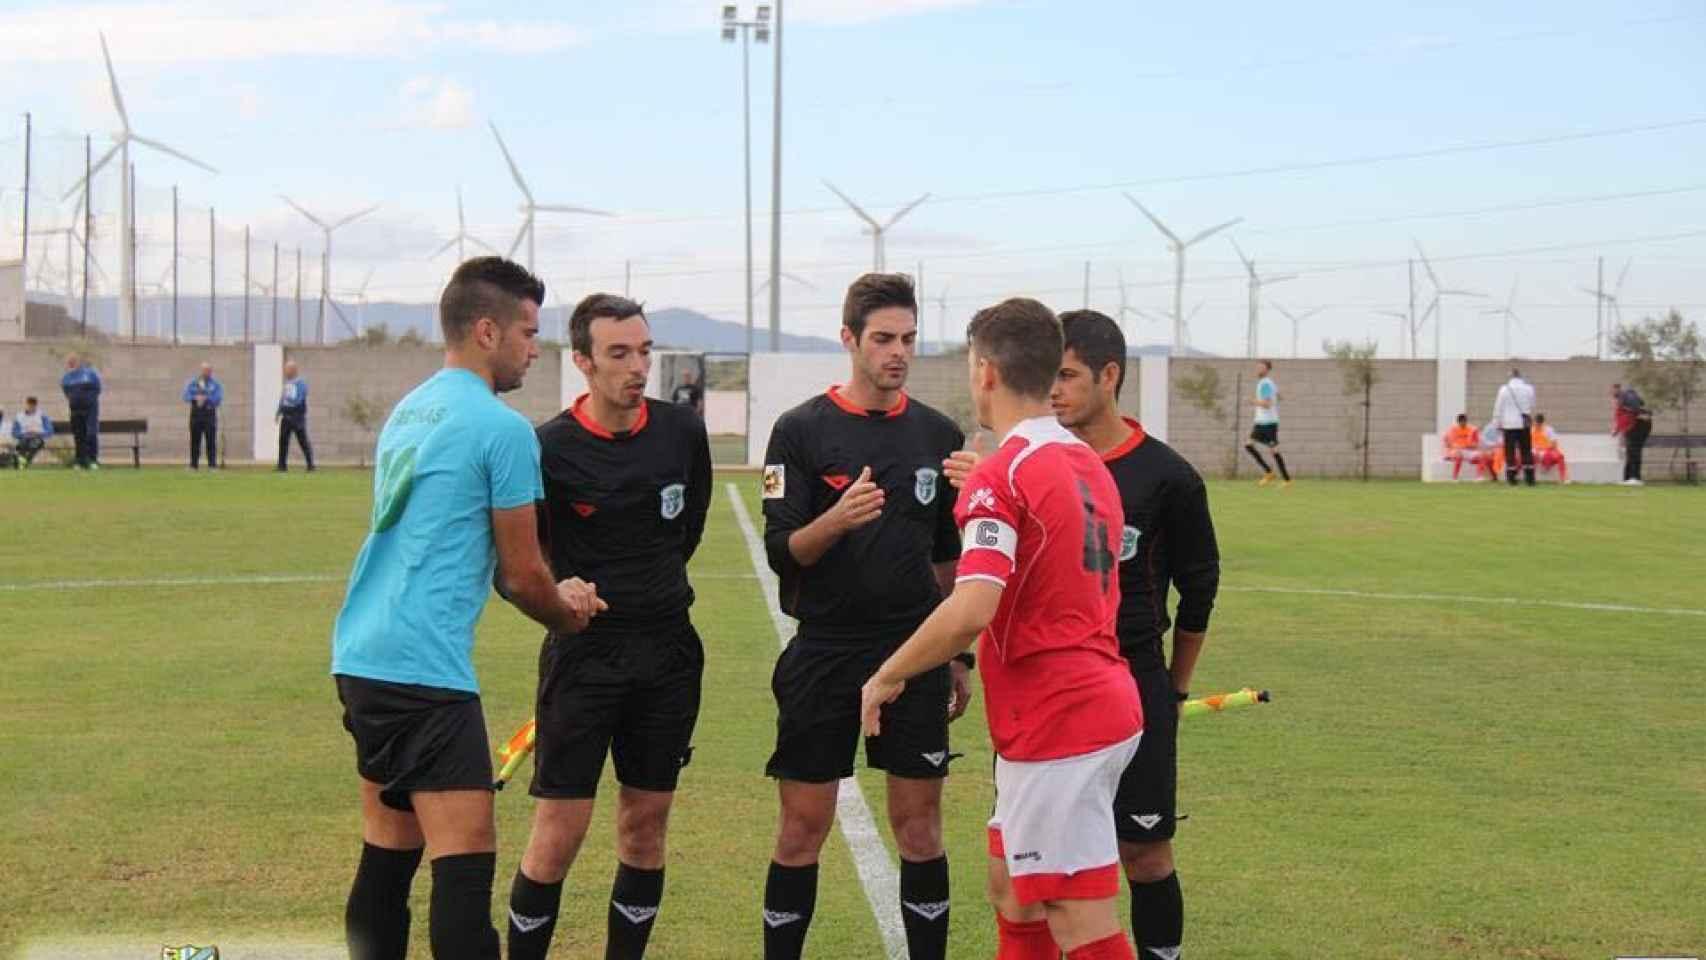 Tomillero Benavente en un sorteo de campos al inicio de un partido.